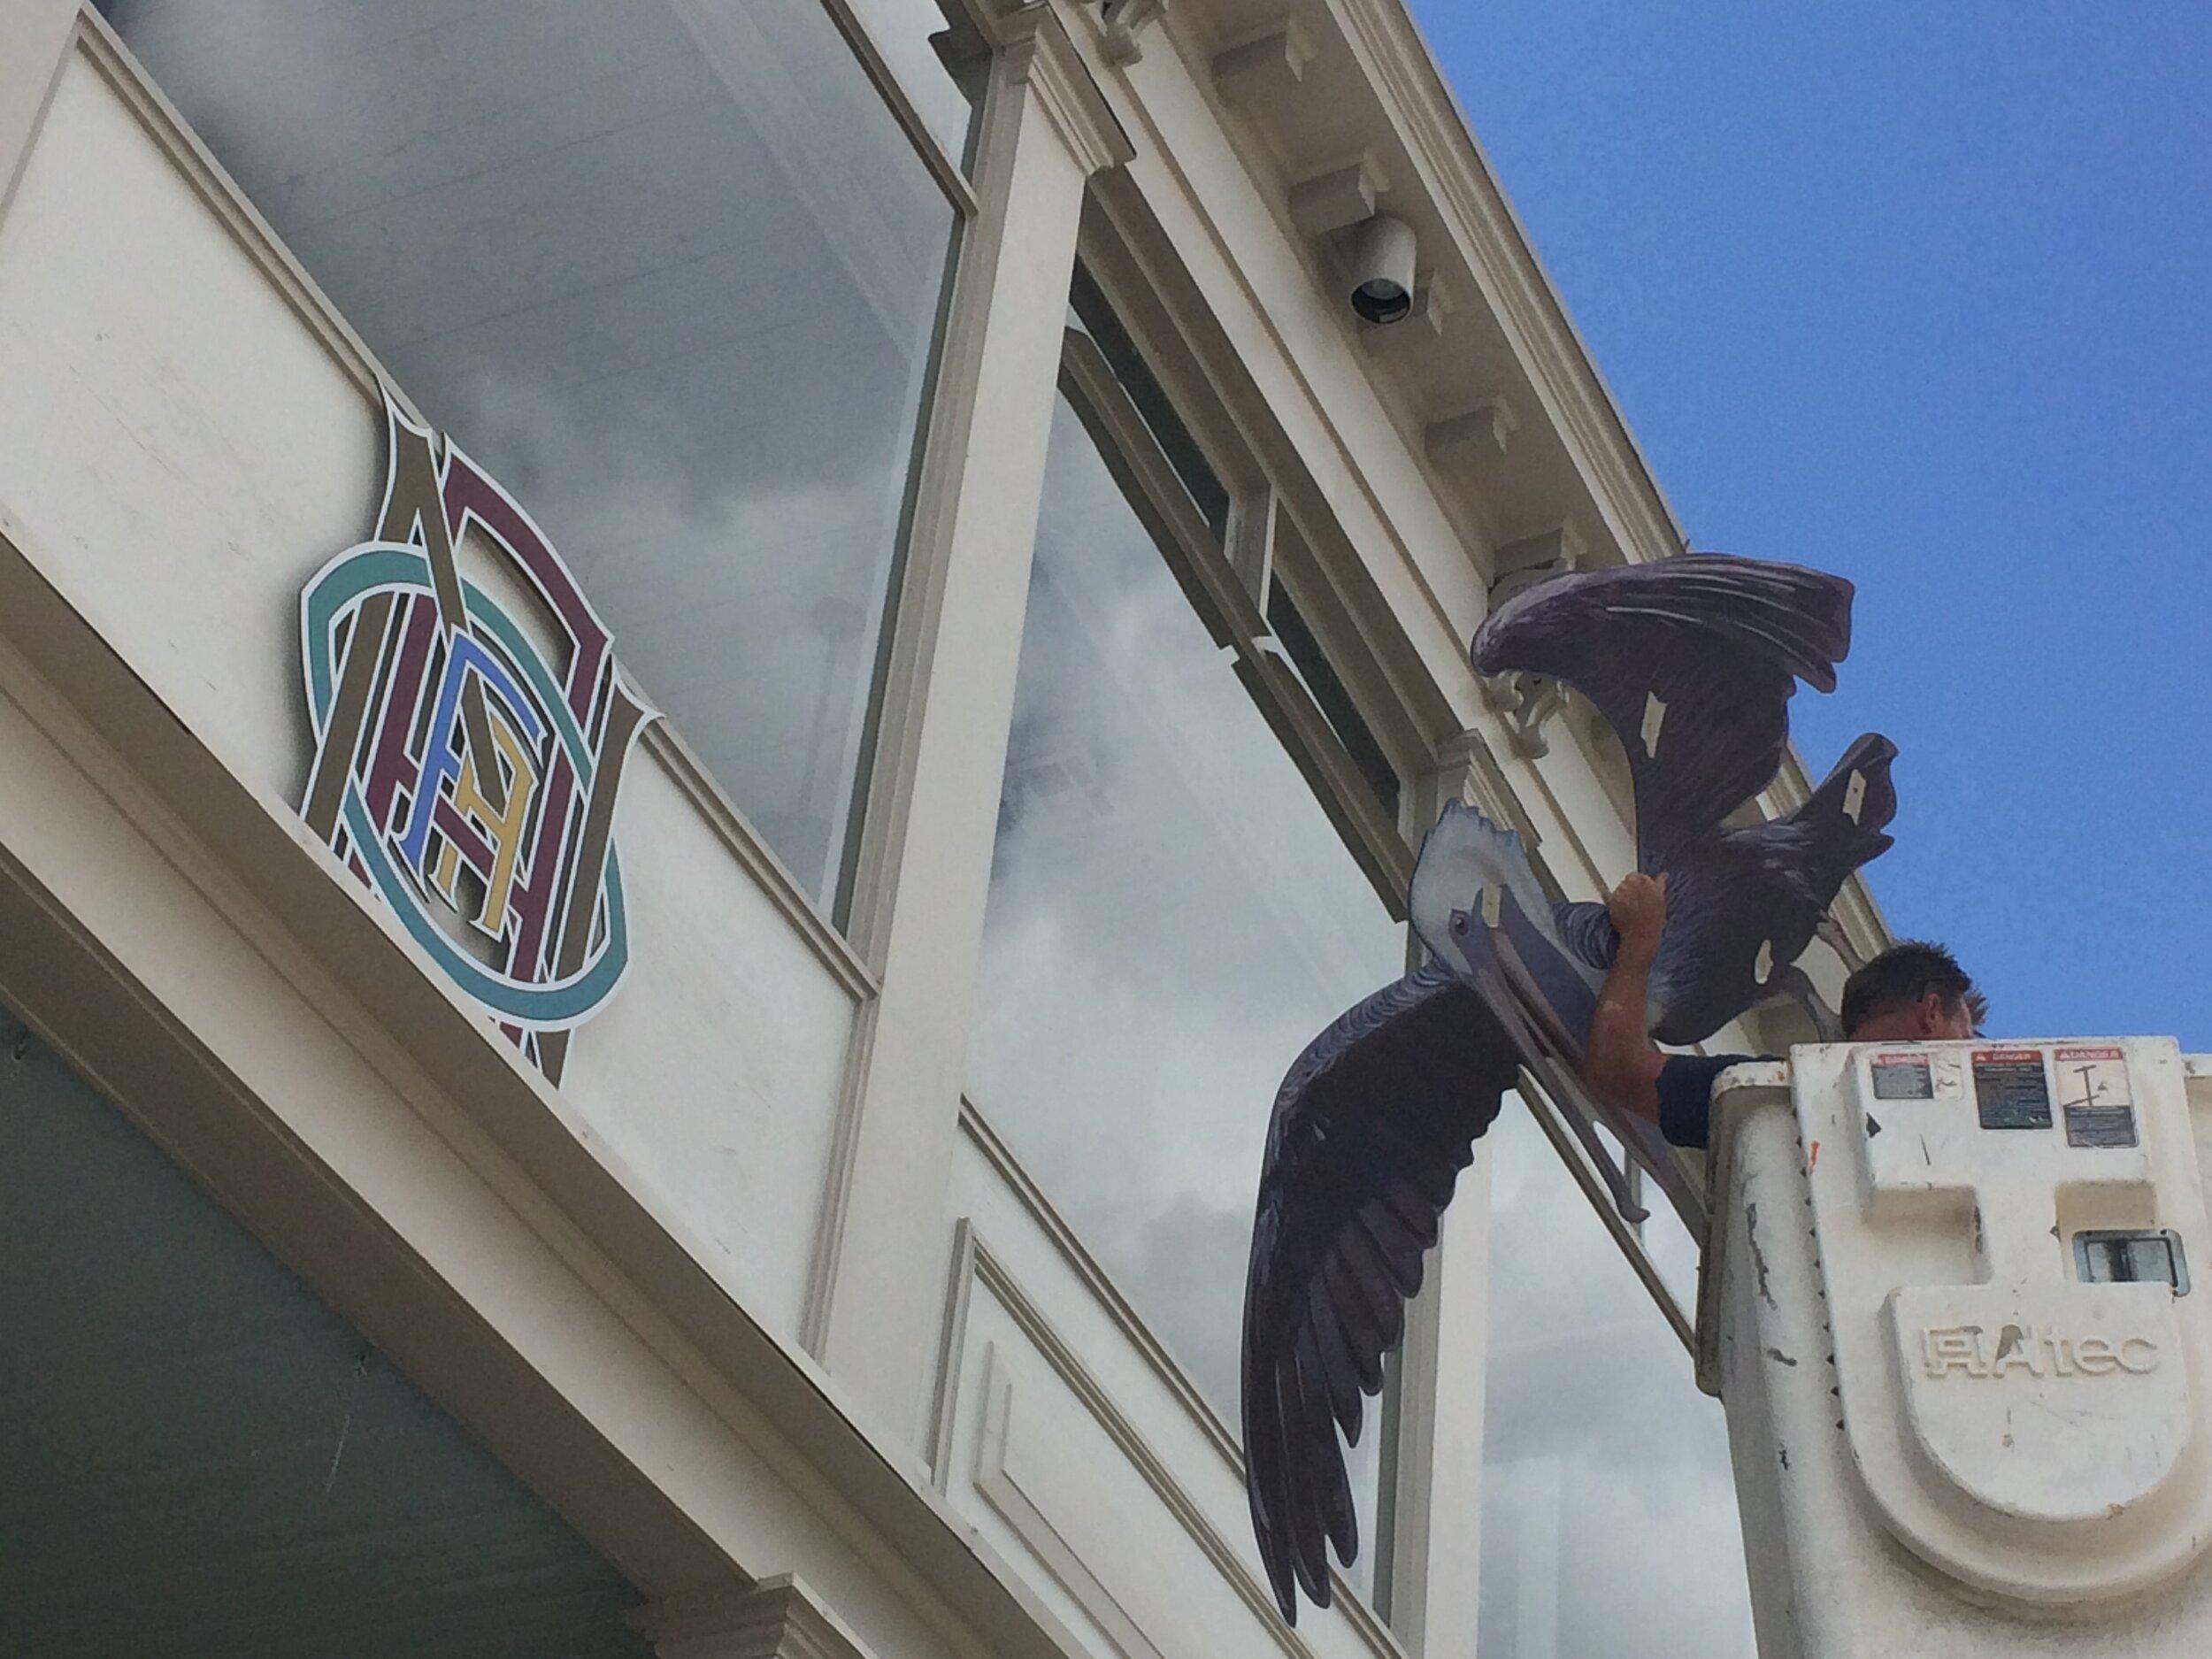 Auseklis' pelican taking flight